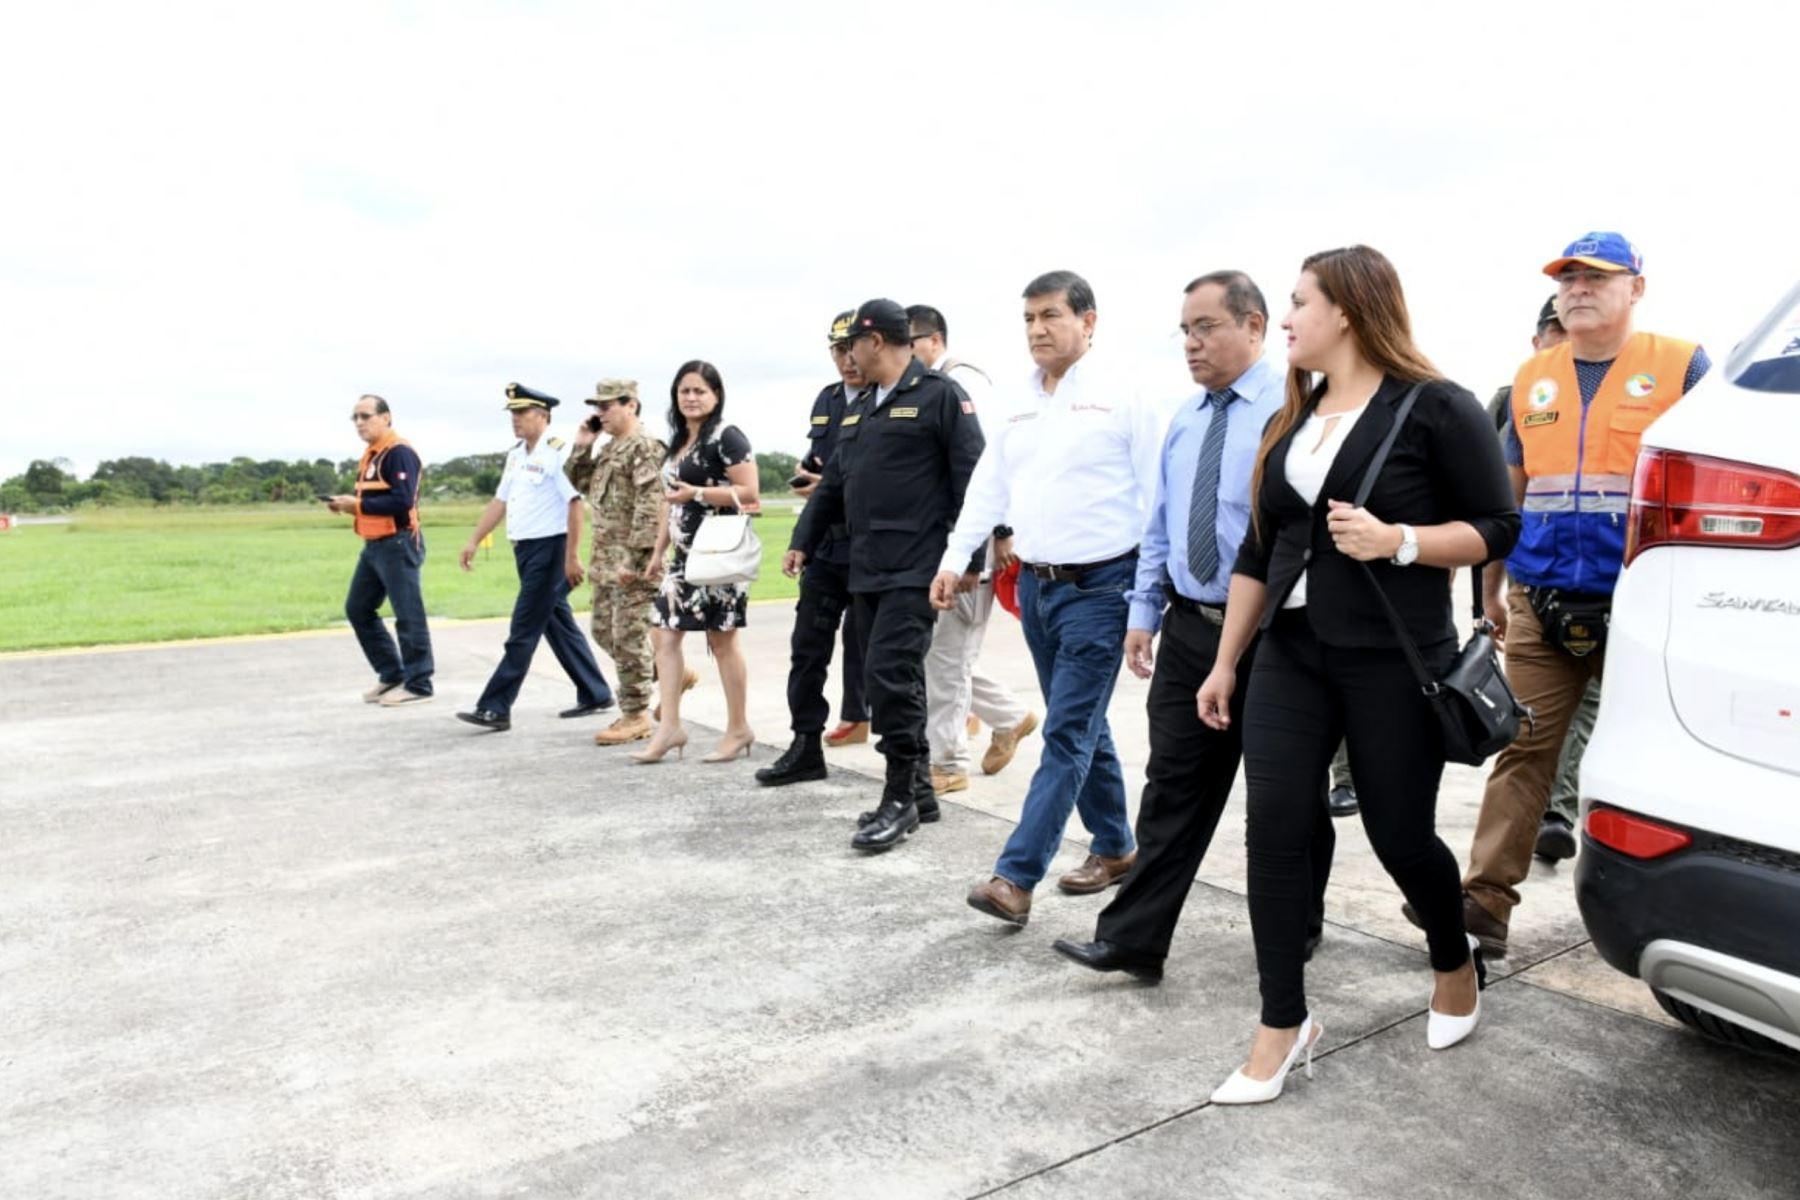 El ministro del Interior, Carlos Morán, llega a Pucallpa tras el sismo de magnitud 7.5 registrado esta madrugada. Foto: ANDINA/MININTER